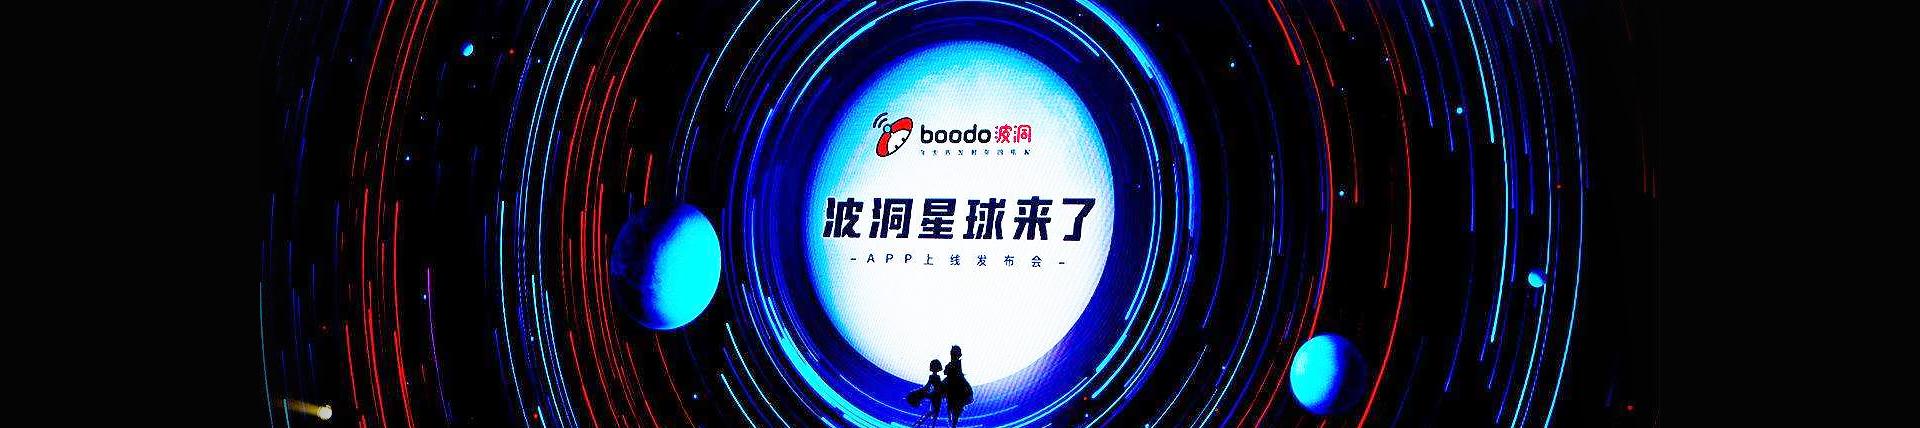 果真是腾讯买的!波洞星球启用品牌域名Boodo.com